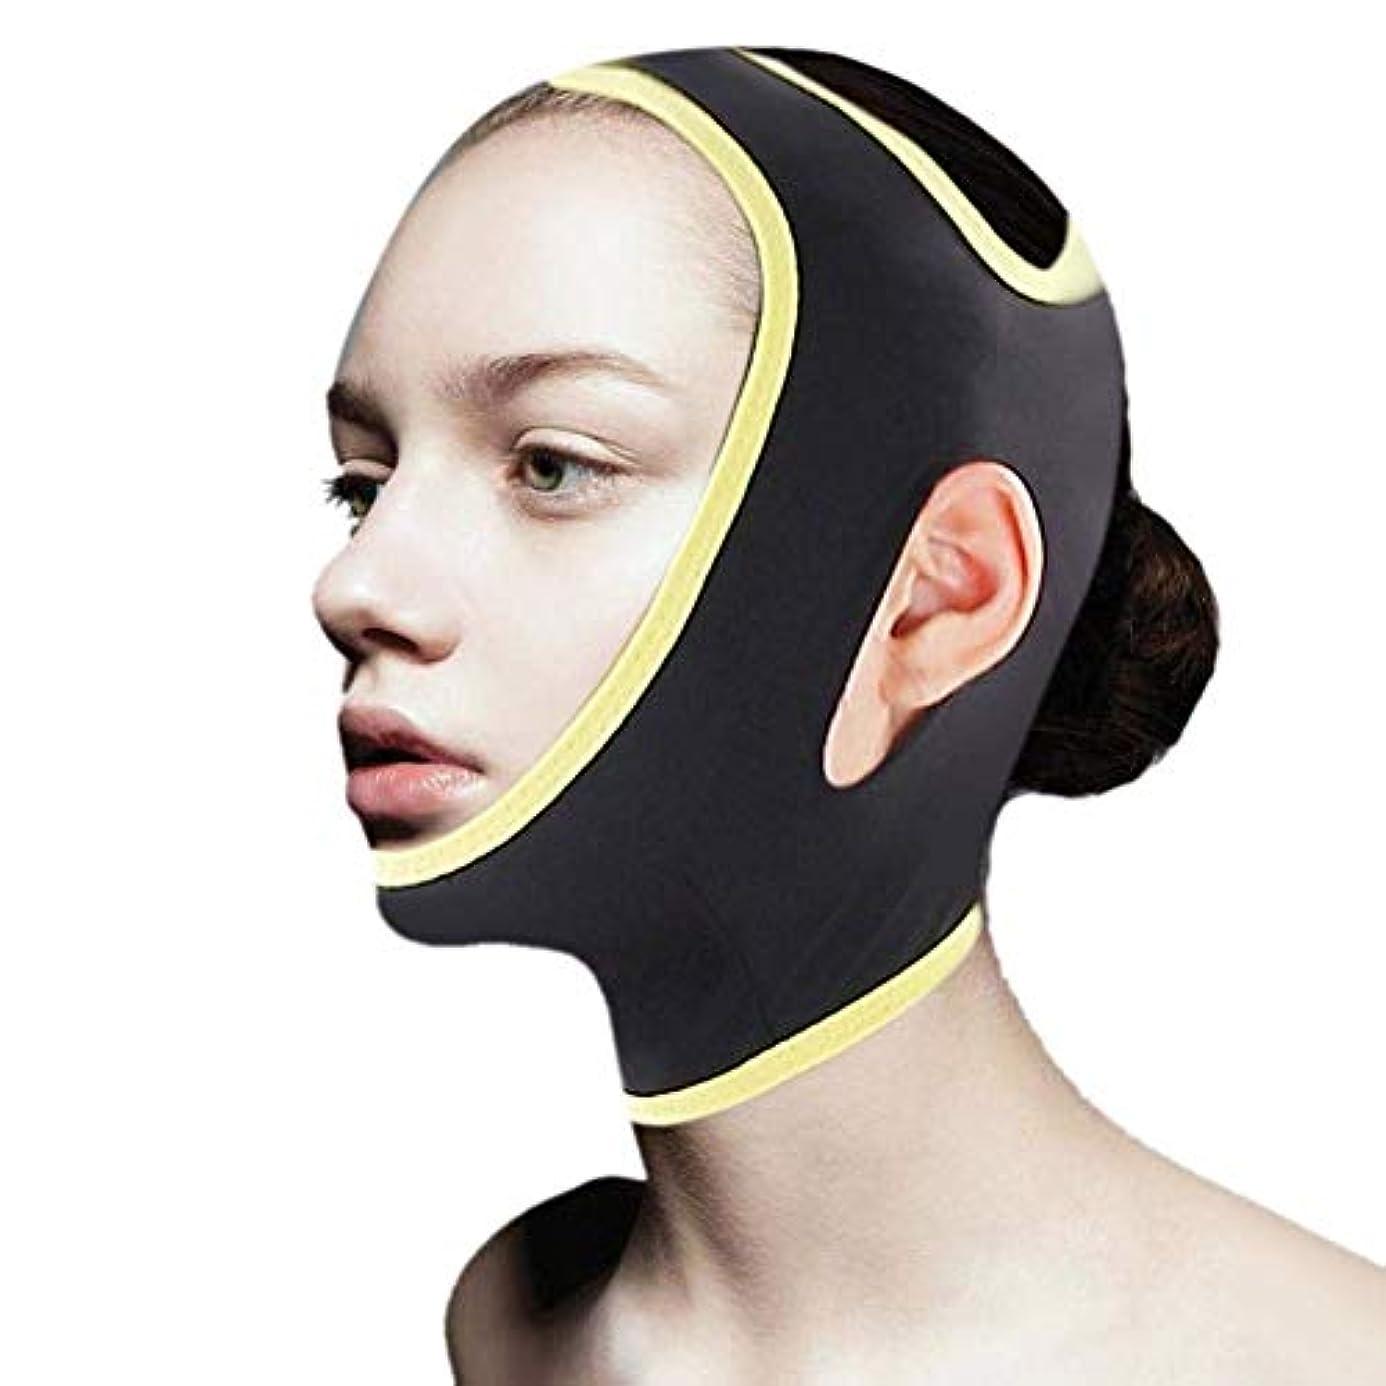 あいさつやりすぎ約設定WSJTT 顔のスリミングストラップ - チンはフェイシャルマスクを持ち上げては - 皮膚のたるみを排除 - アンチエイジング痛み無料ウェイVフェイスラインベルトチンチークスリムリフト (Size : L)